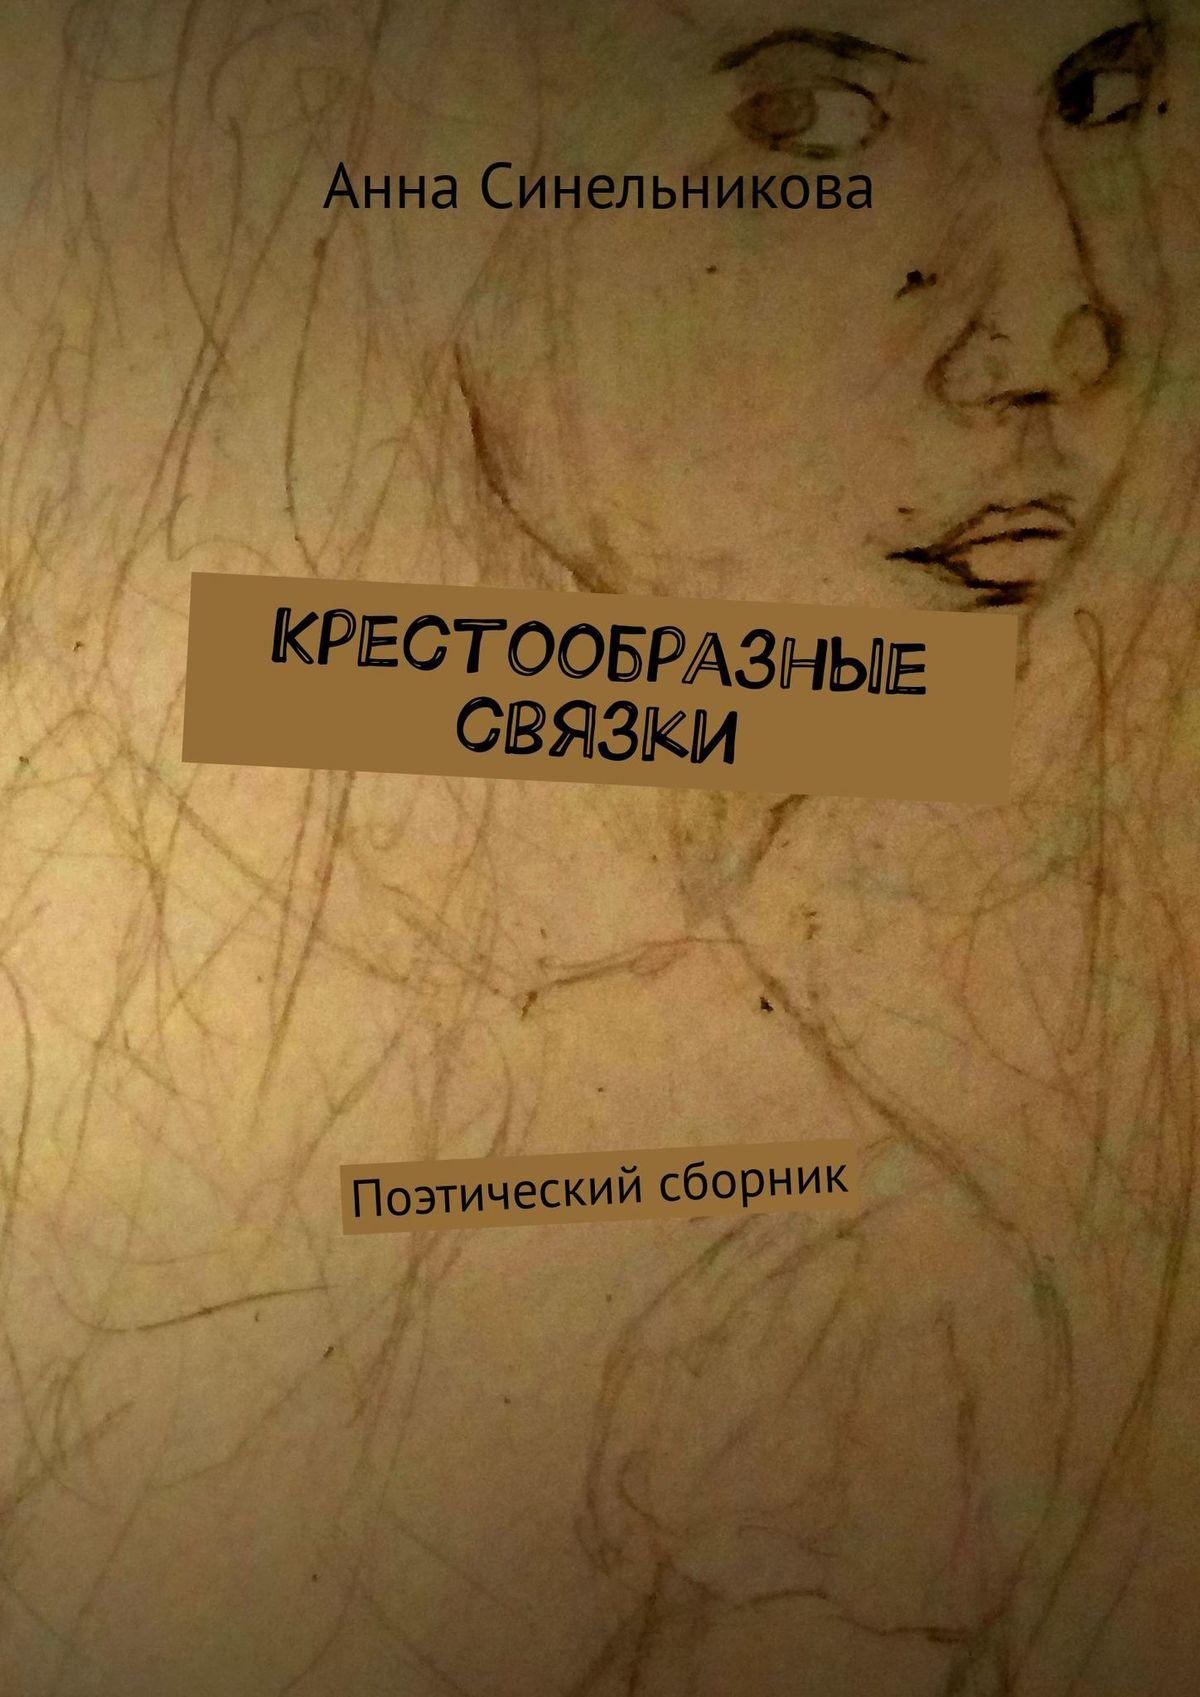 Крестообразные связки. Поэтический сборник